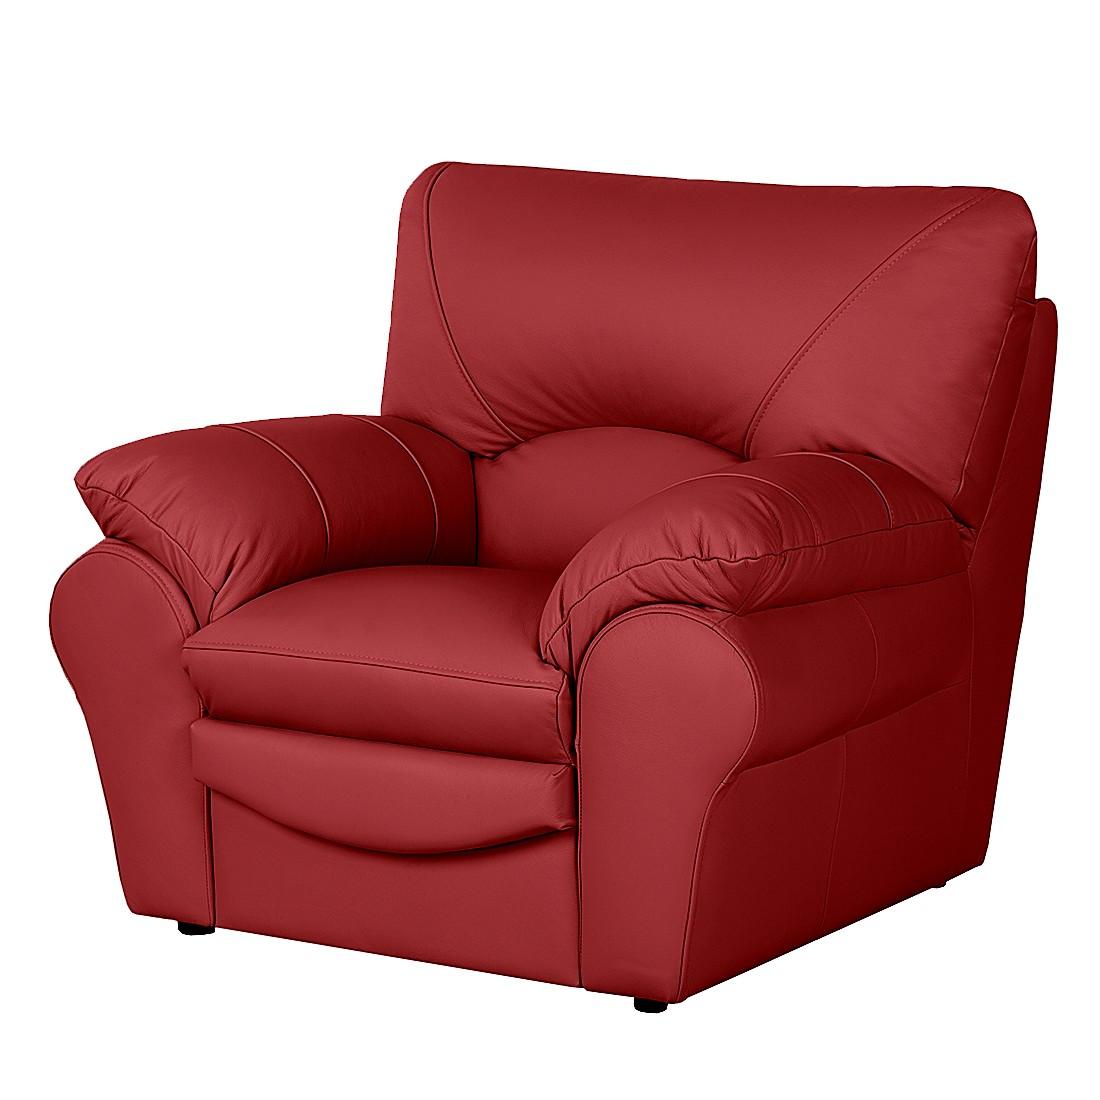 Sessel Torsby - Echtleder Rot, Nuovoform